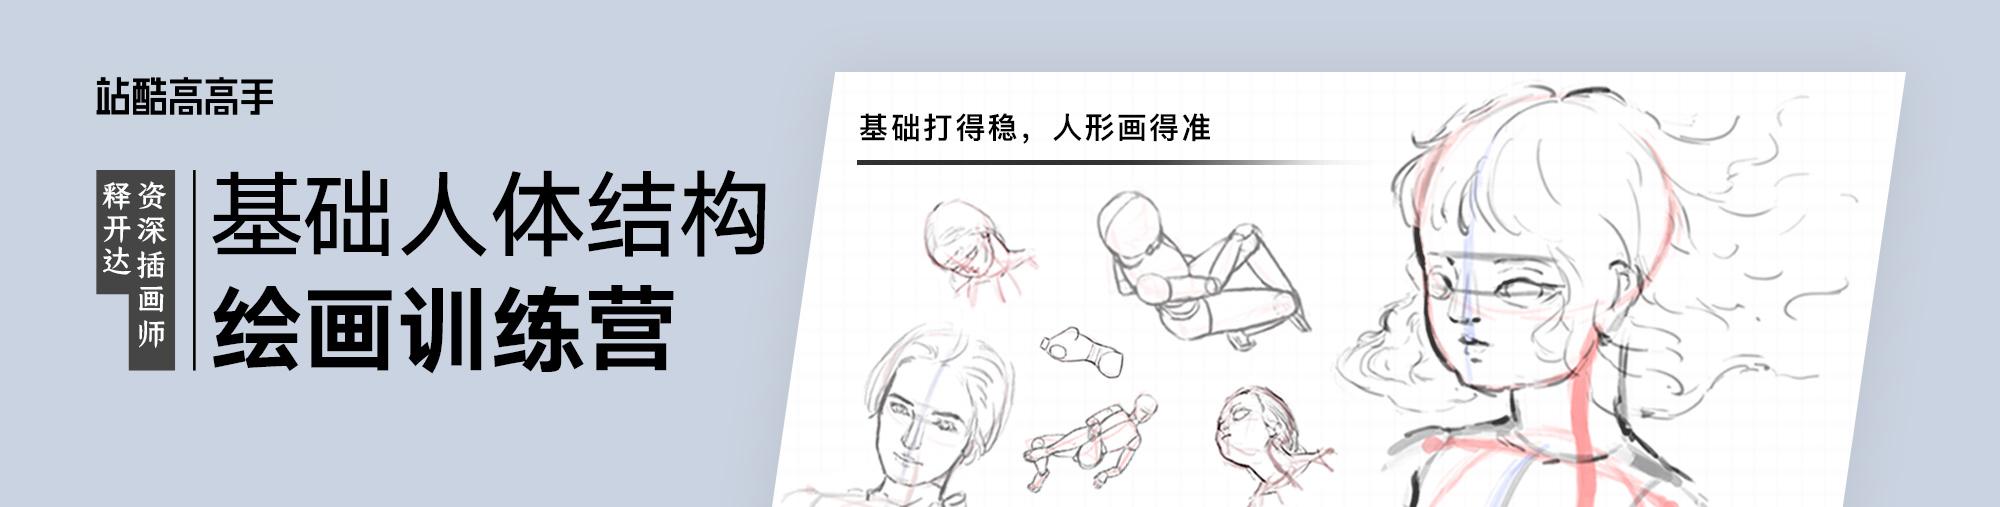 基础人体结构绘画训练营(第3期)